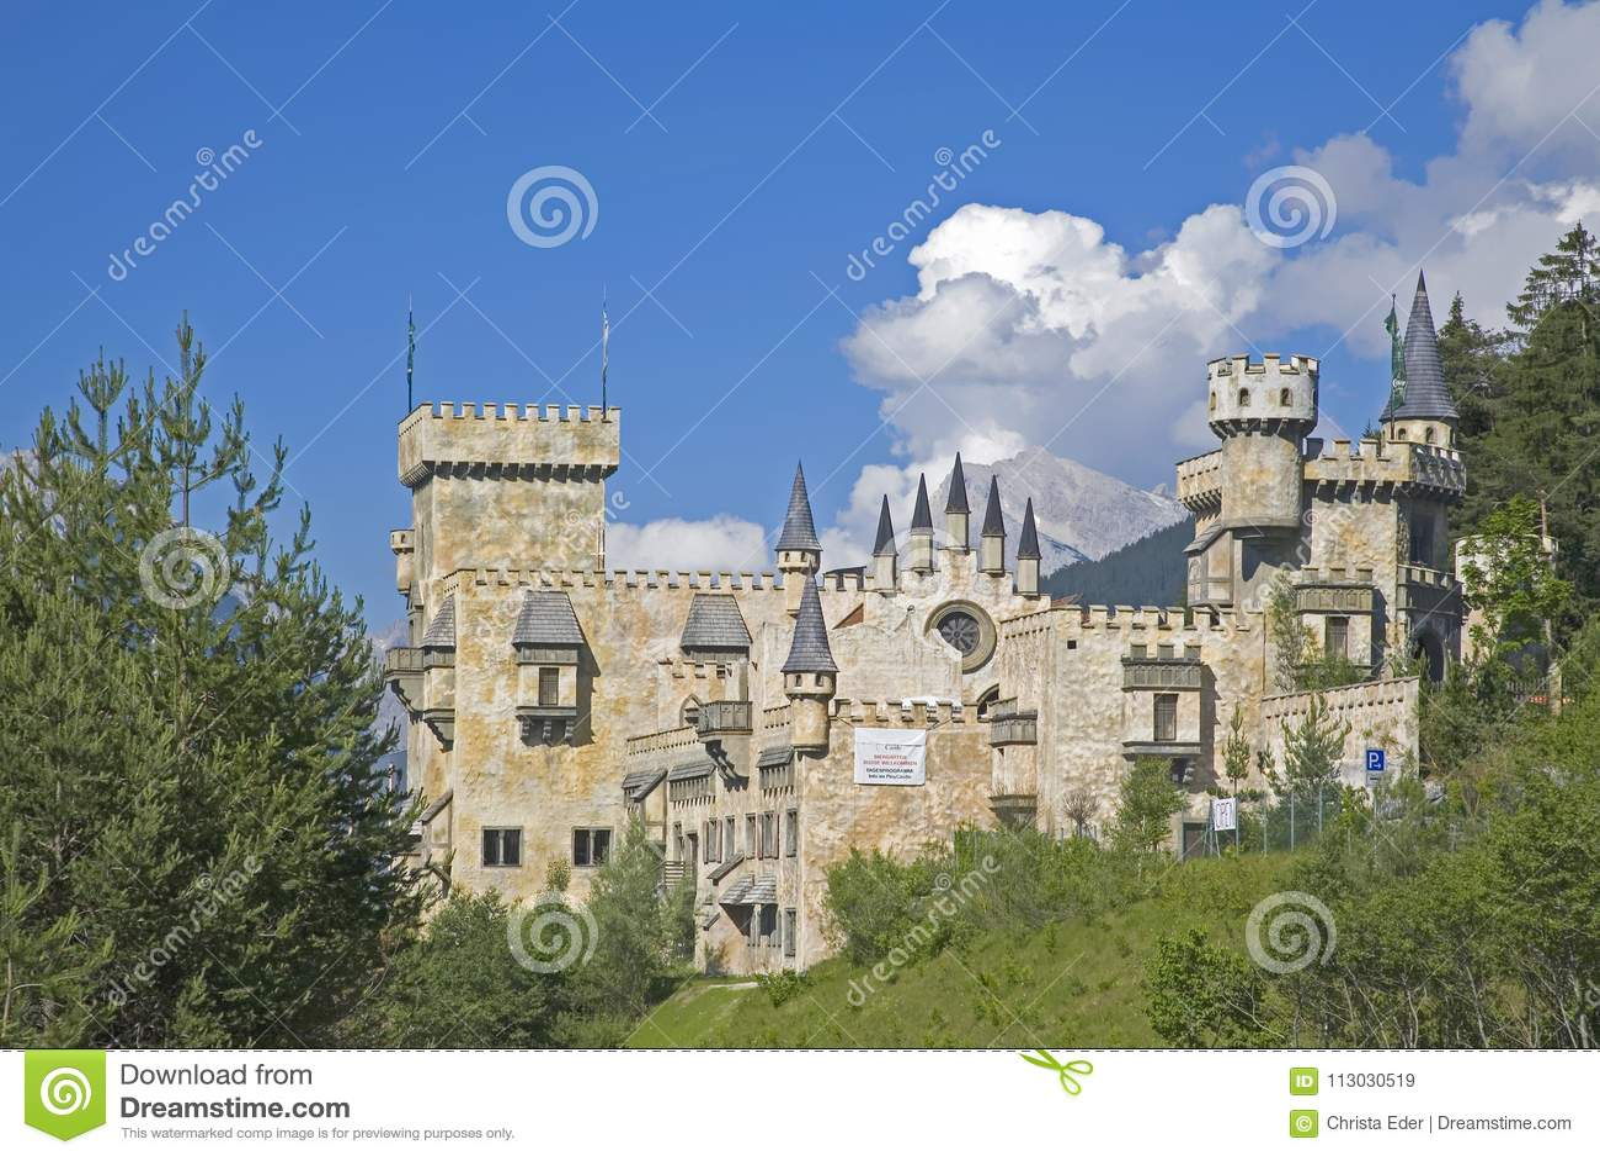 Idilio del castillo en Seefeld en el Tirol